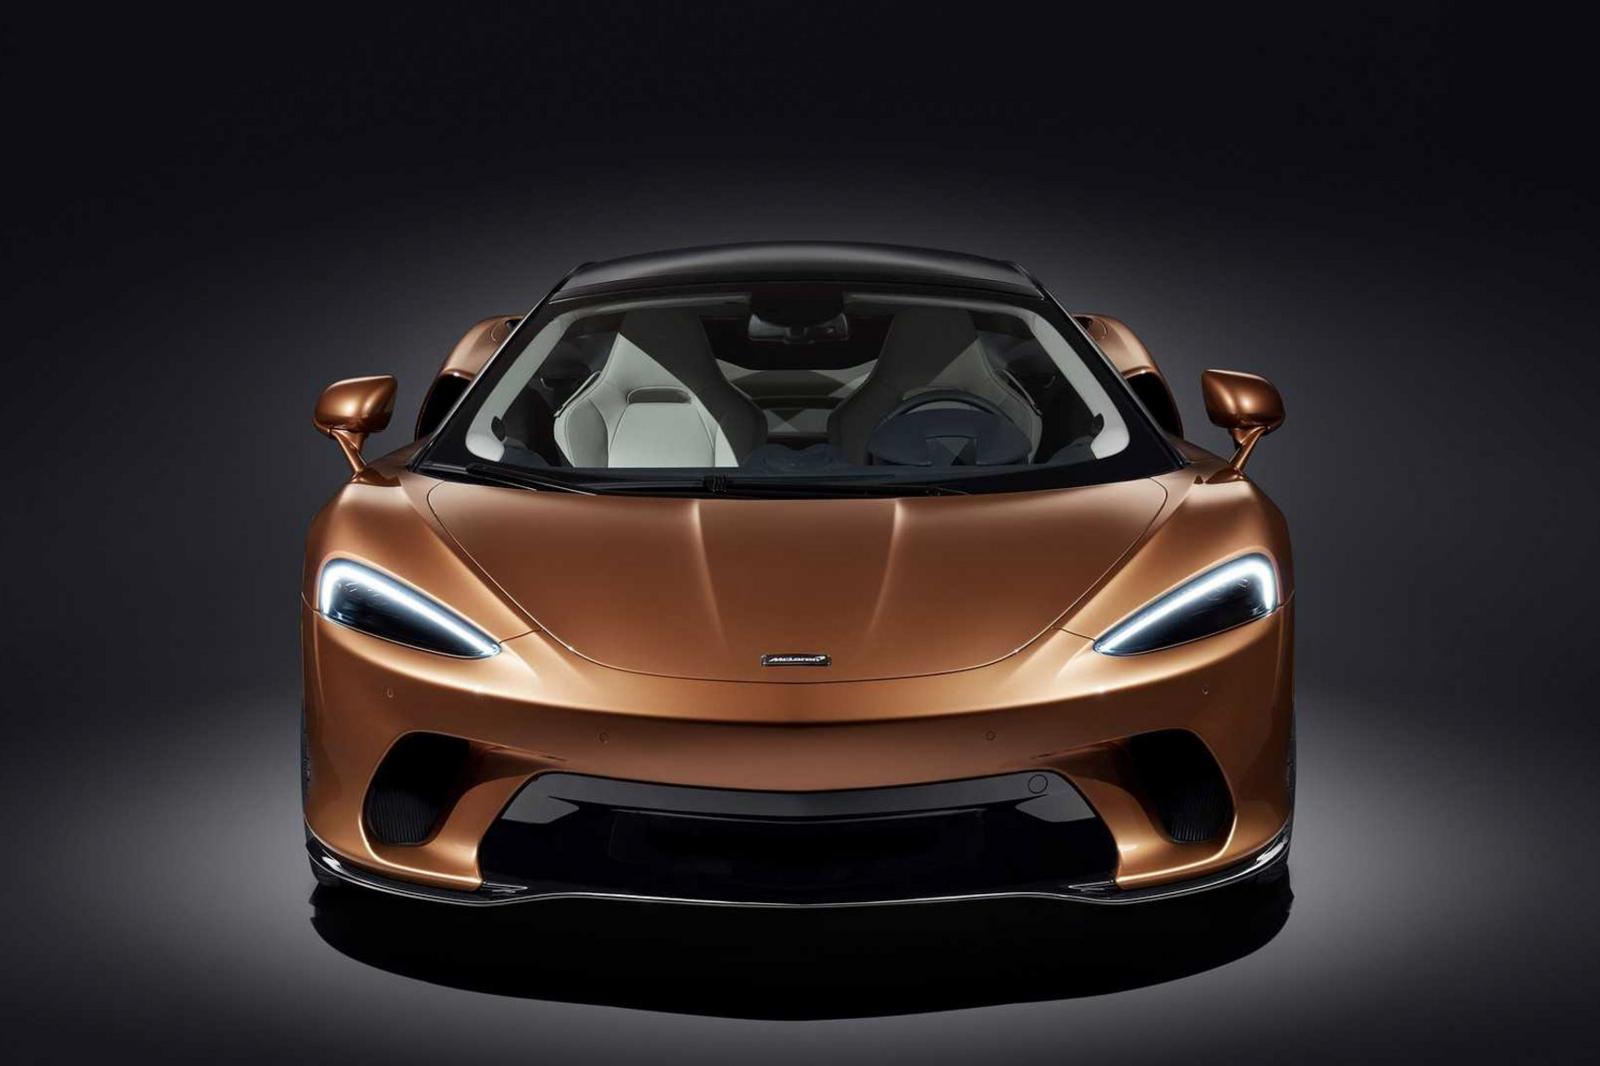 McLaren giới thiệu siêu xe GT 2020 hoàn toàn mới: Động cơ mạnh mẽ và cabin thoải mái - Hình 24